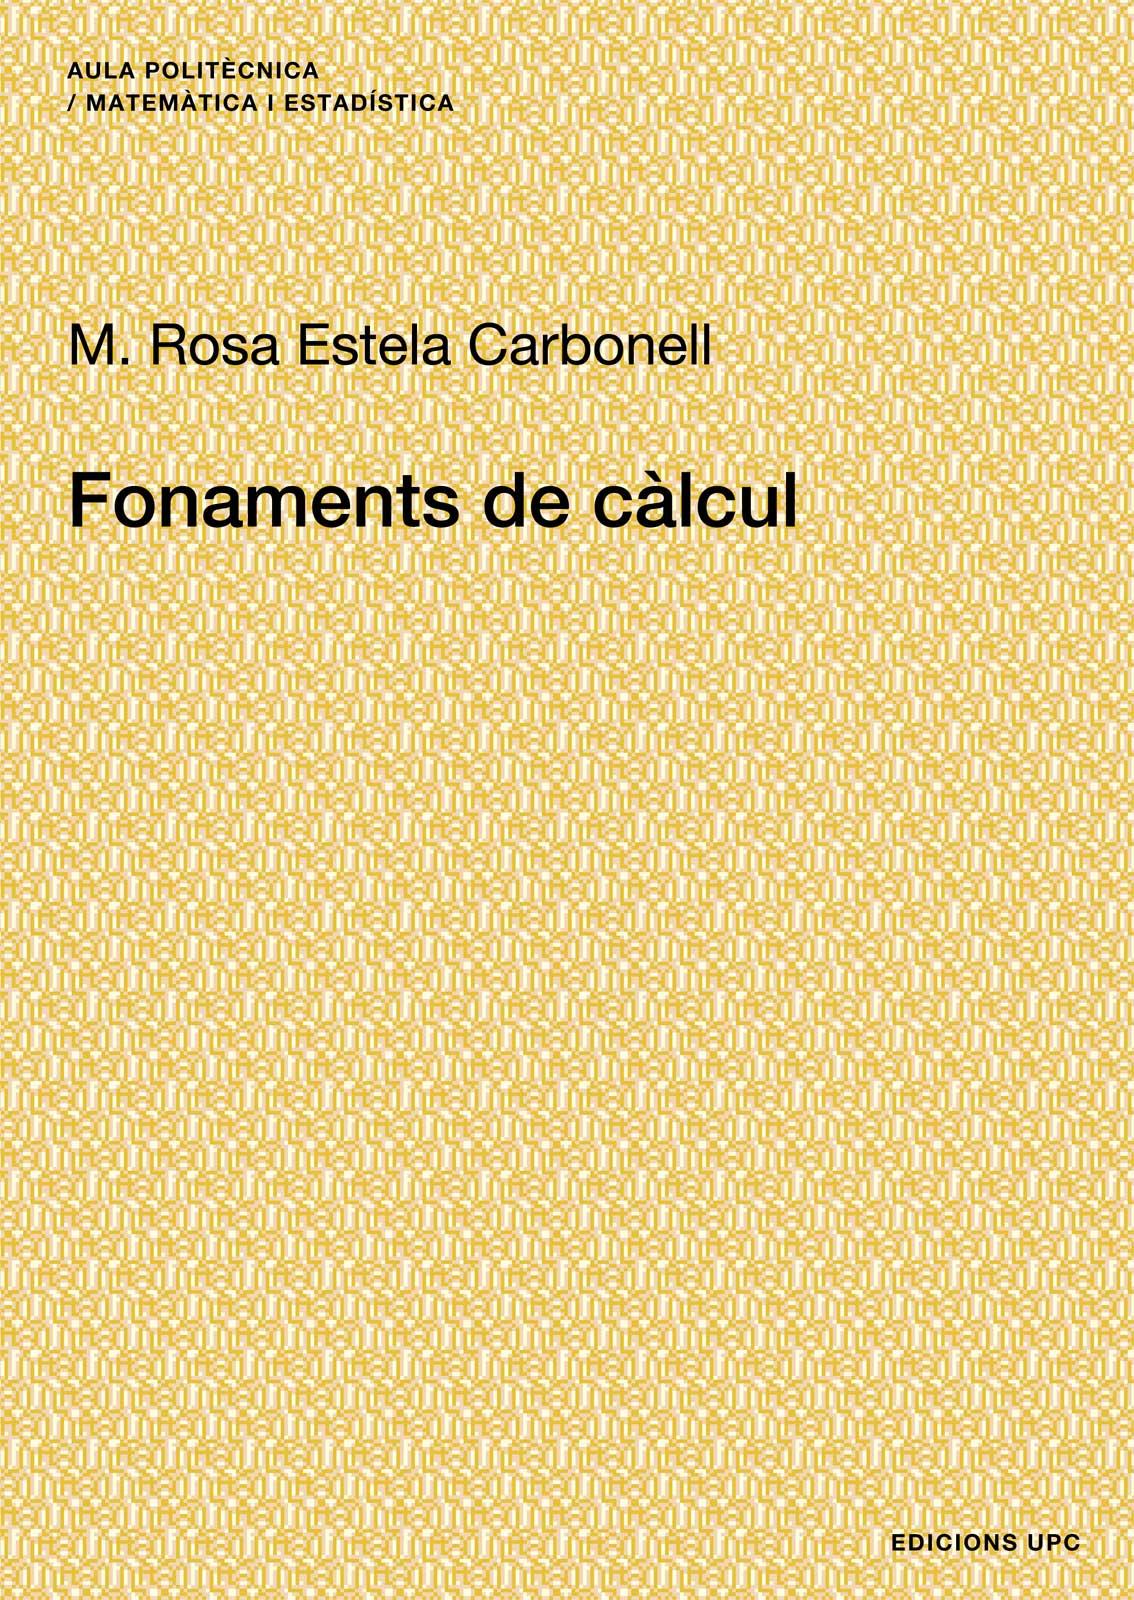 Fonaments de càlcul